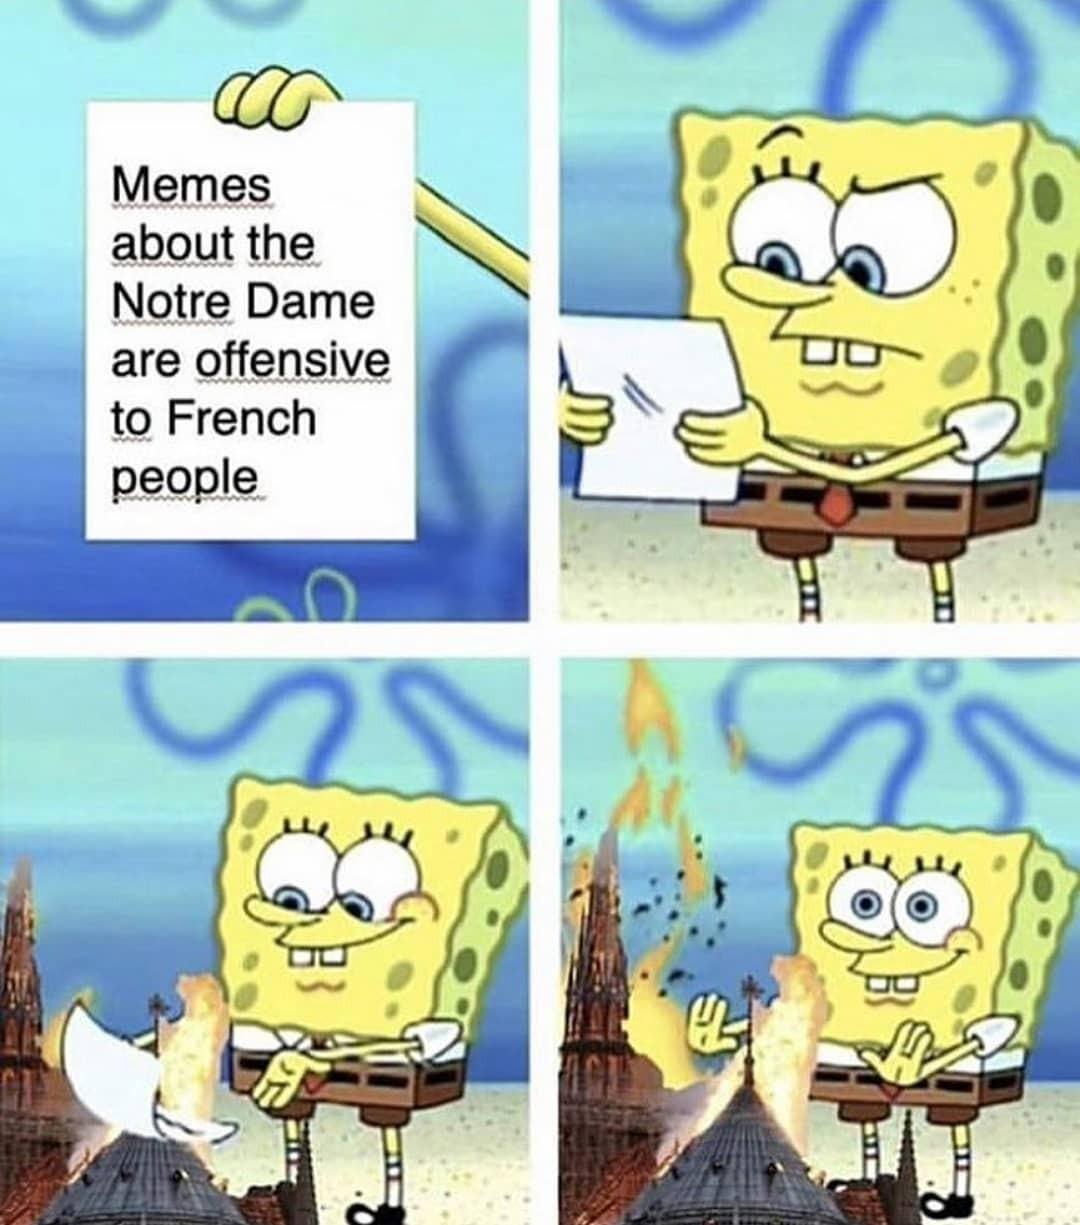 Notre Dame meme